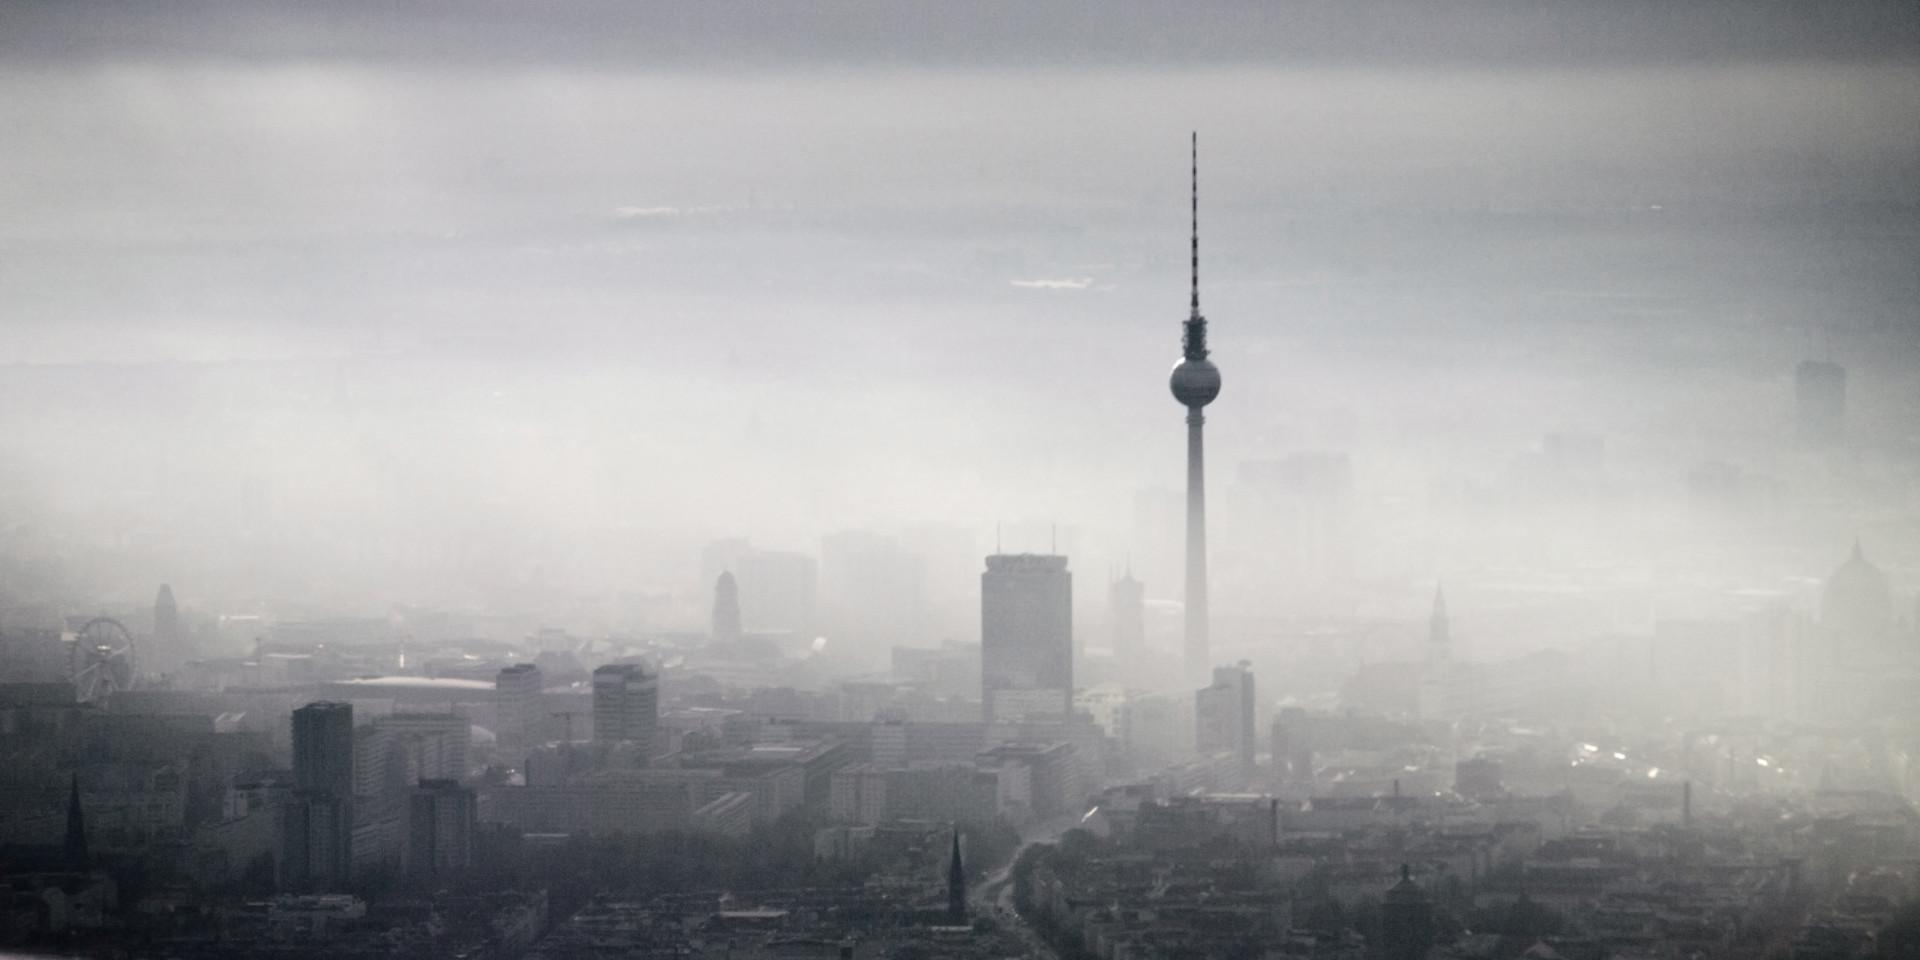 Carolin Weinkopf, Berlin, Skyline